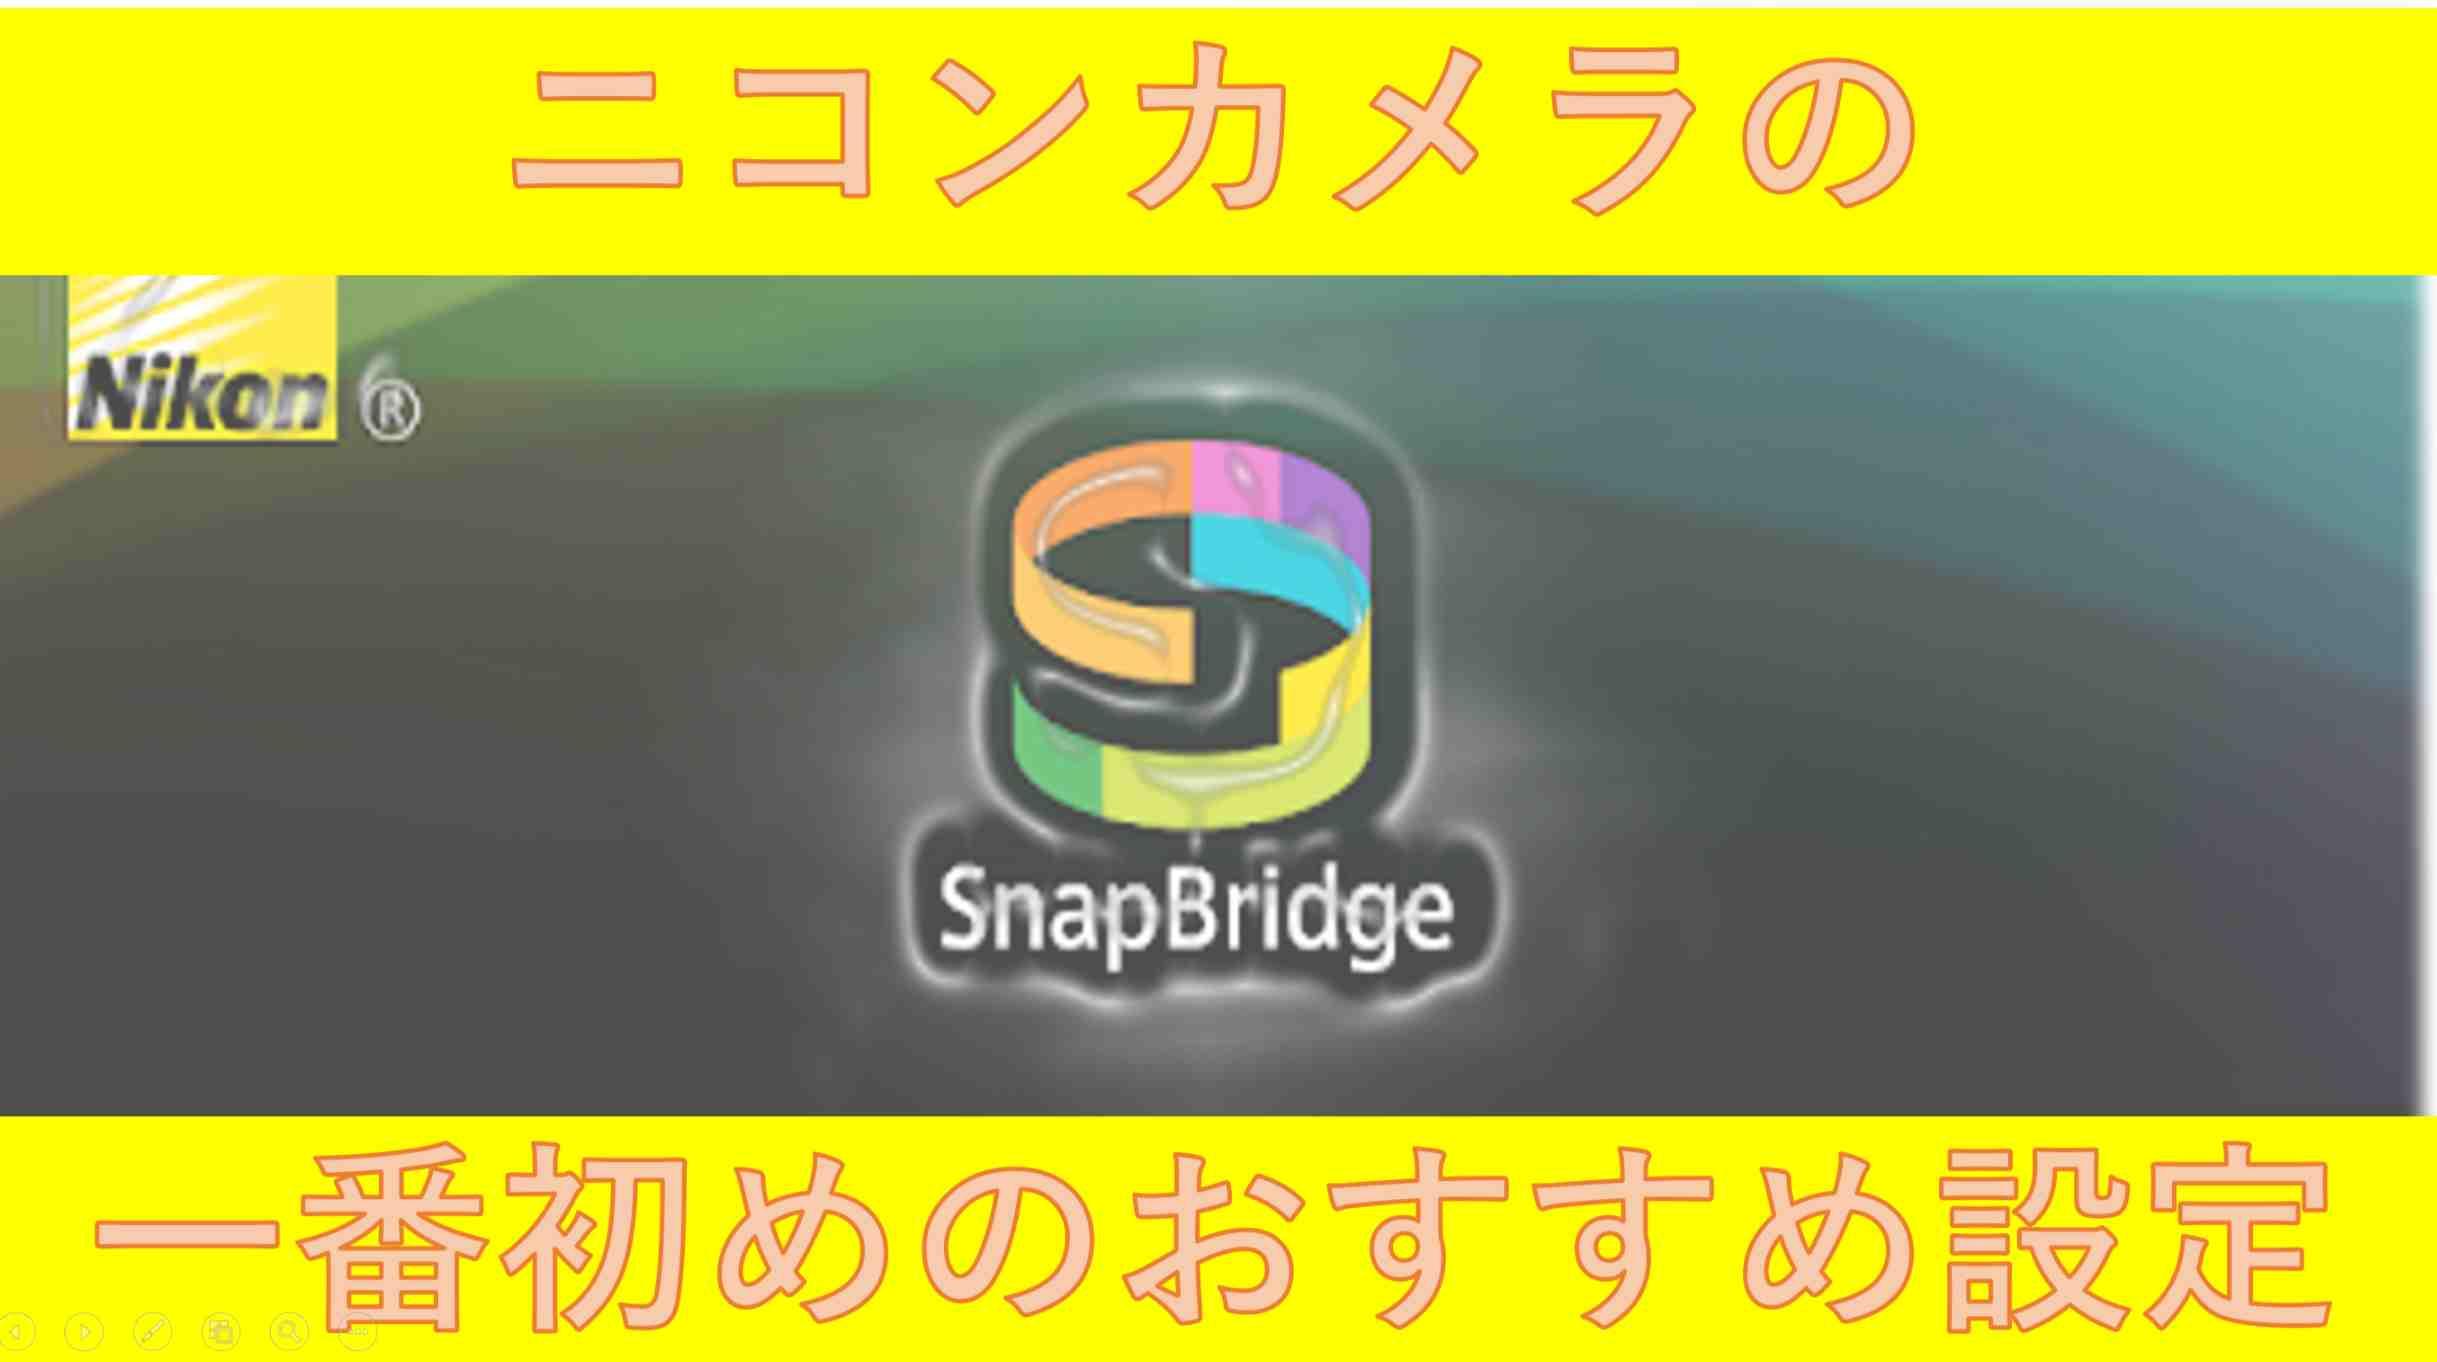 ニコンのカメラを買ったら一番最初に設定しておきたい「SnapBridge」とは?